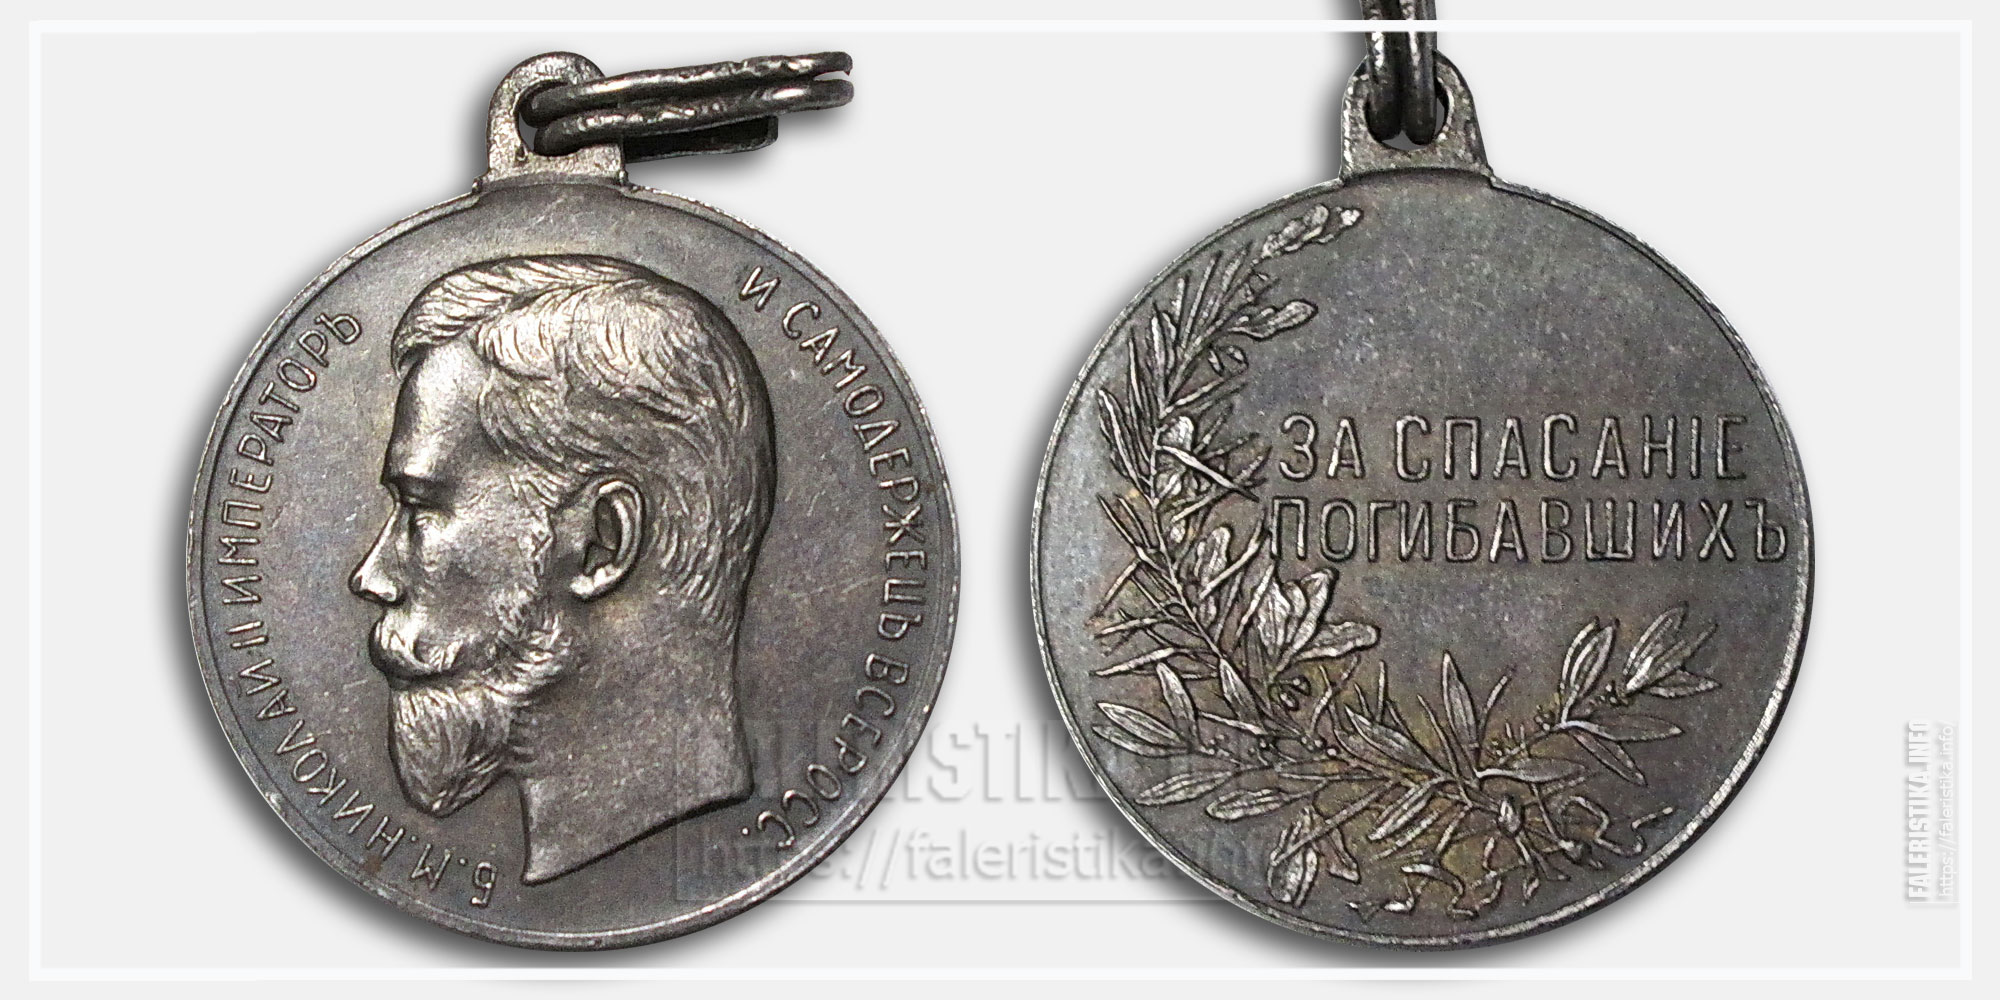 """Медаль """"За спасание погибавших"""" Николай II Серебро. Диаметр 30 мм"""